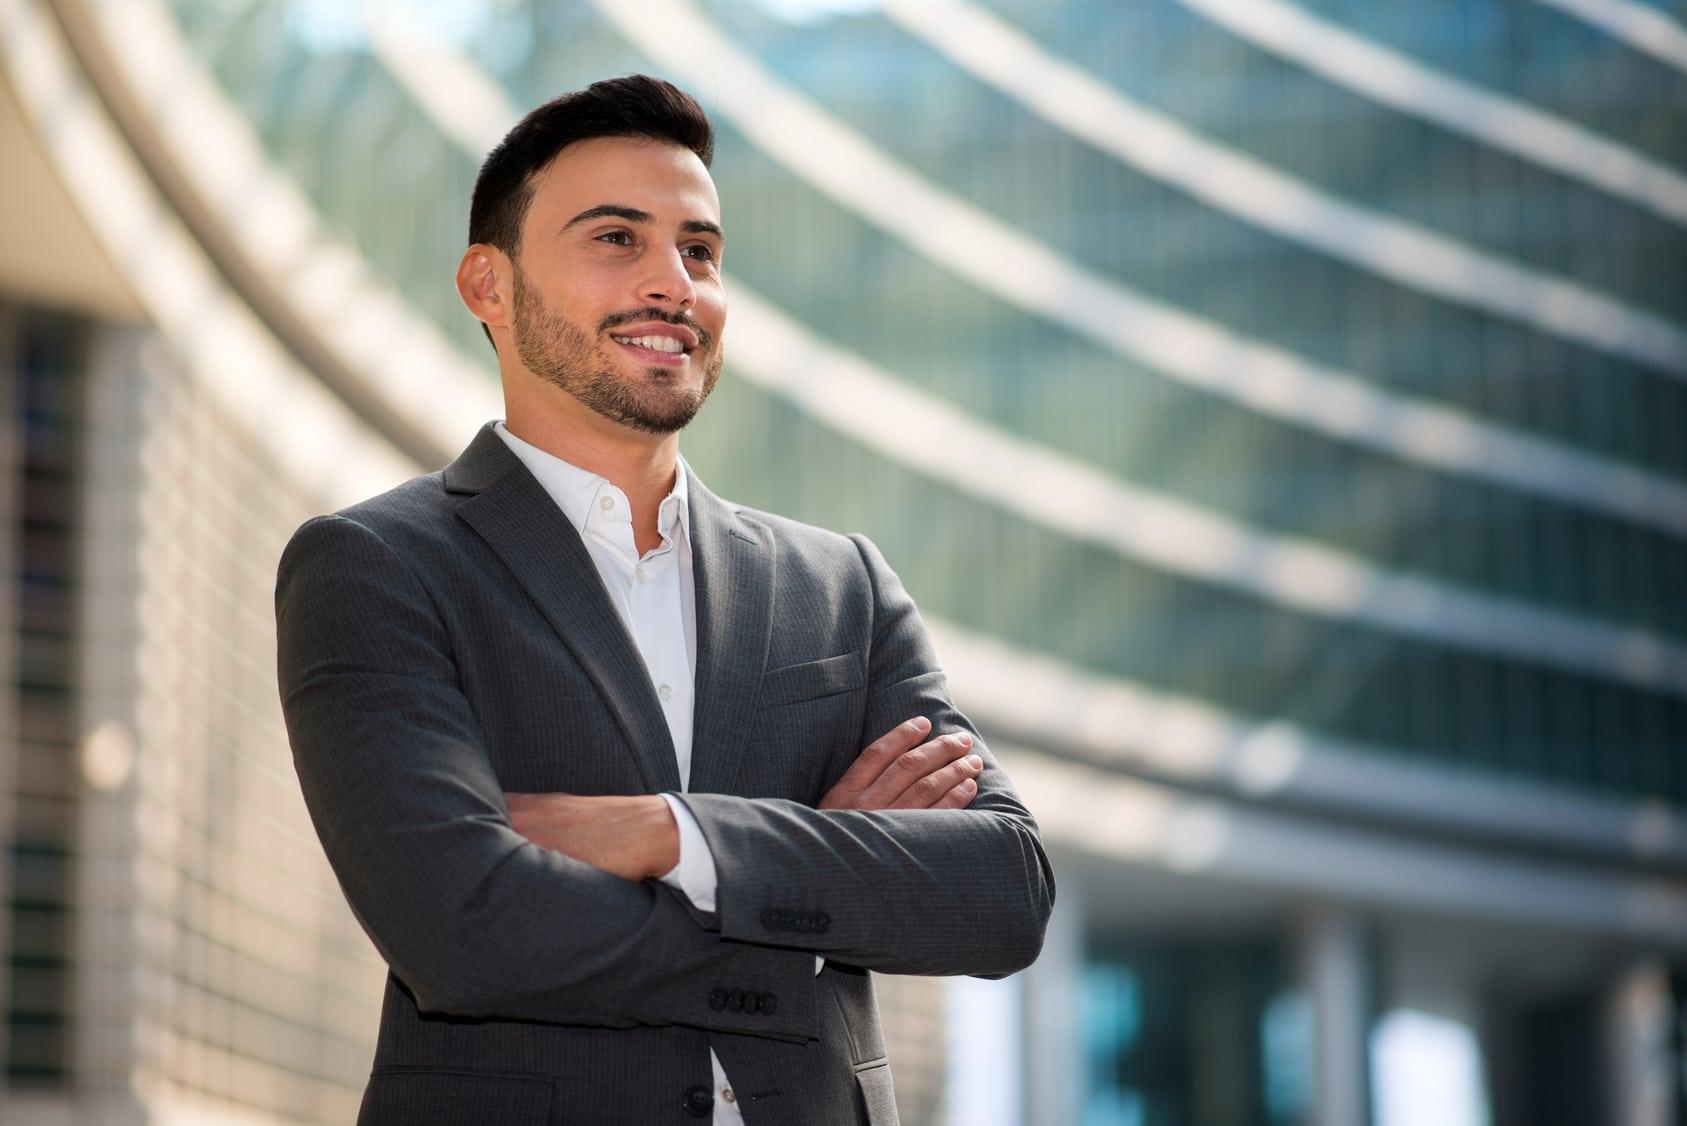 Ein junger Man mit kurzen schwarzen Haaren steht mit verschränkten Armen und erhobenem Kopf vor einem großen Bürogebäude. Er strahlt mit seiner Mimik ein starkes Selbstbewusstsein aus. Er ist bekleidet mit einem grauen Anzug und weissem Hemd.